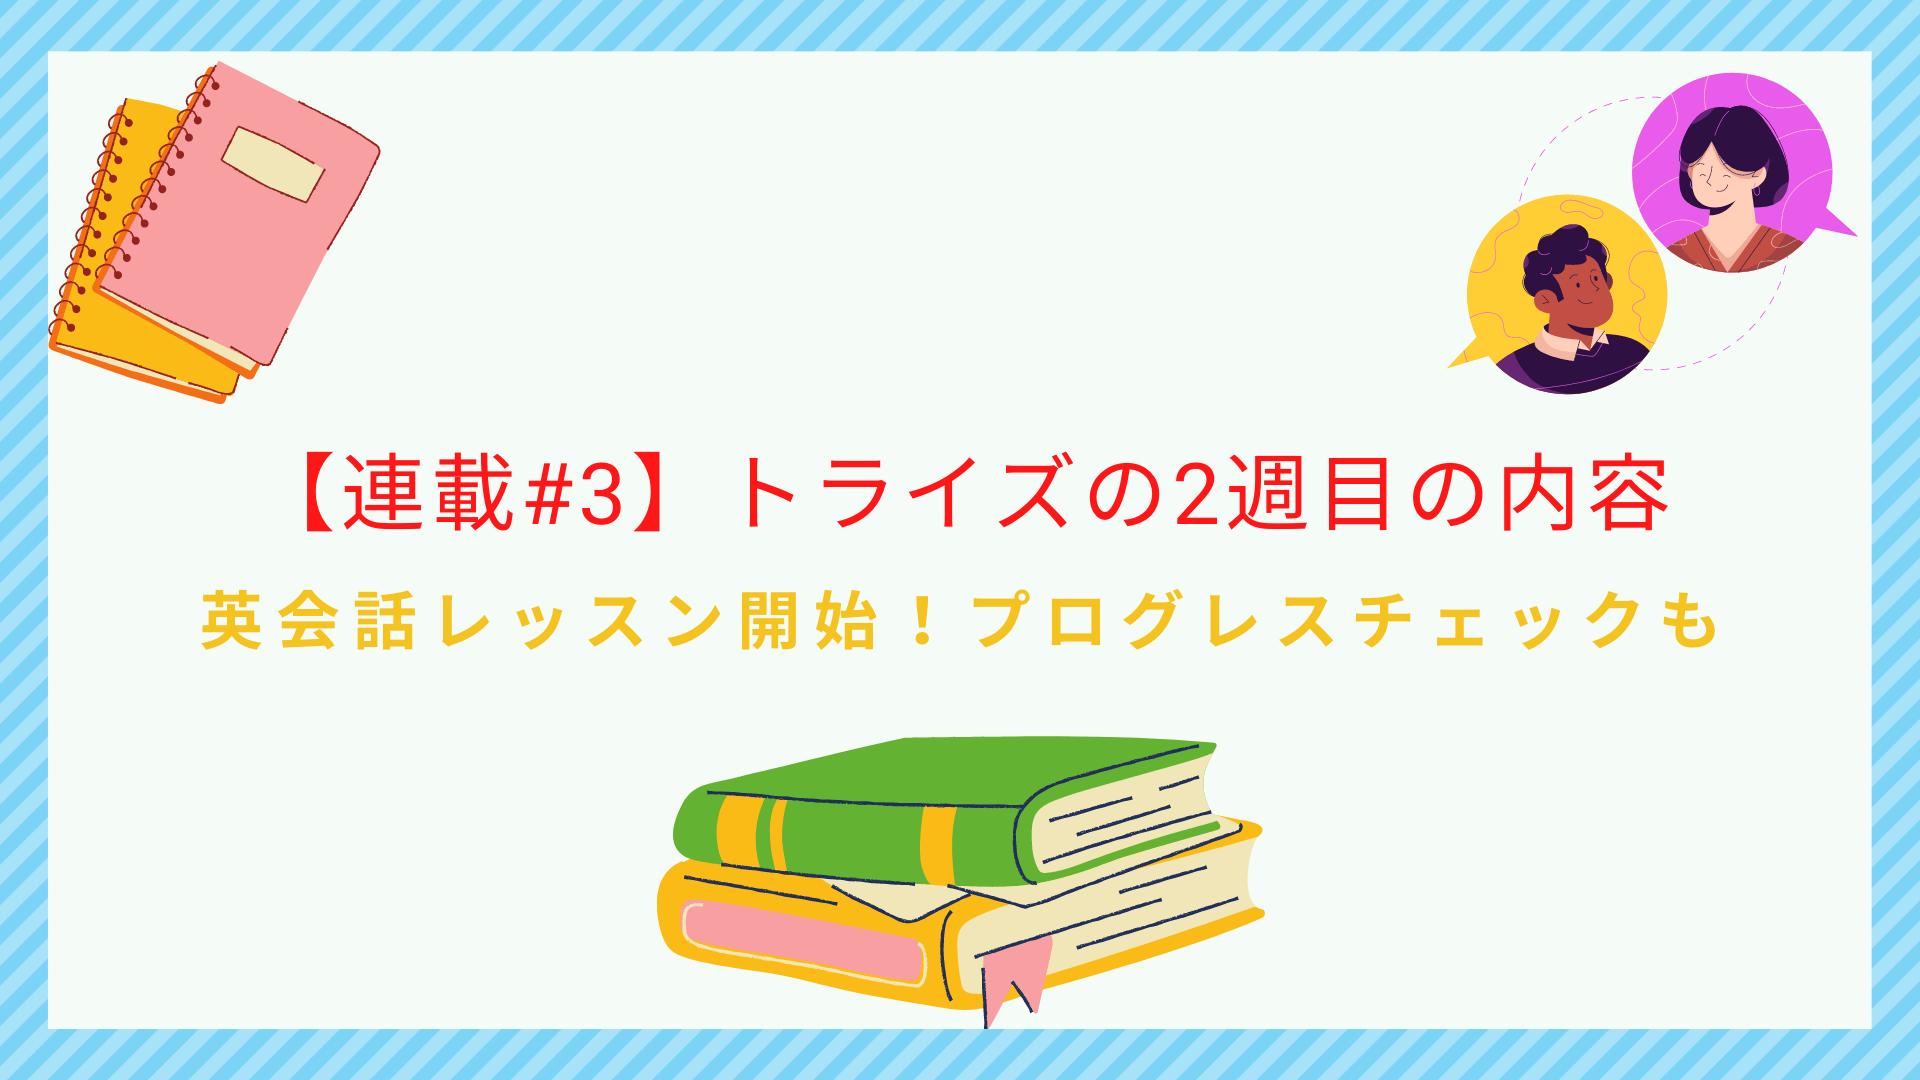 【連載】トライズ学習2週目の勉強時間と学習内容|英会話レッスン開始!